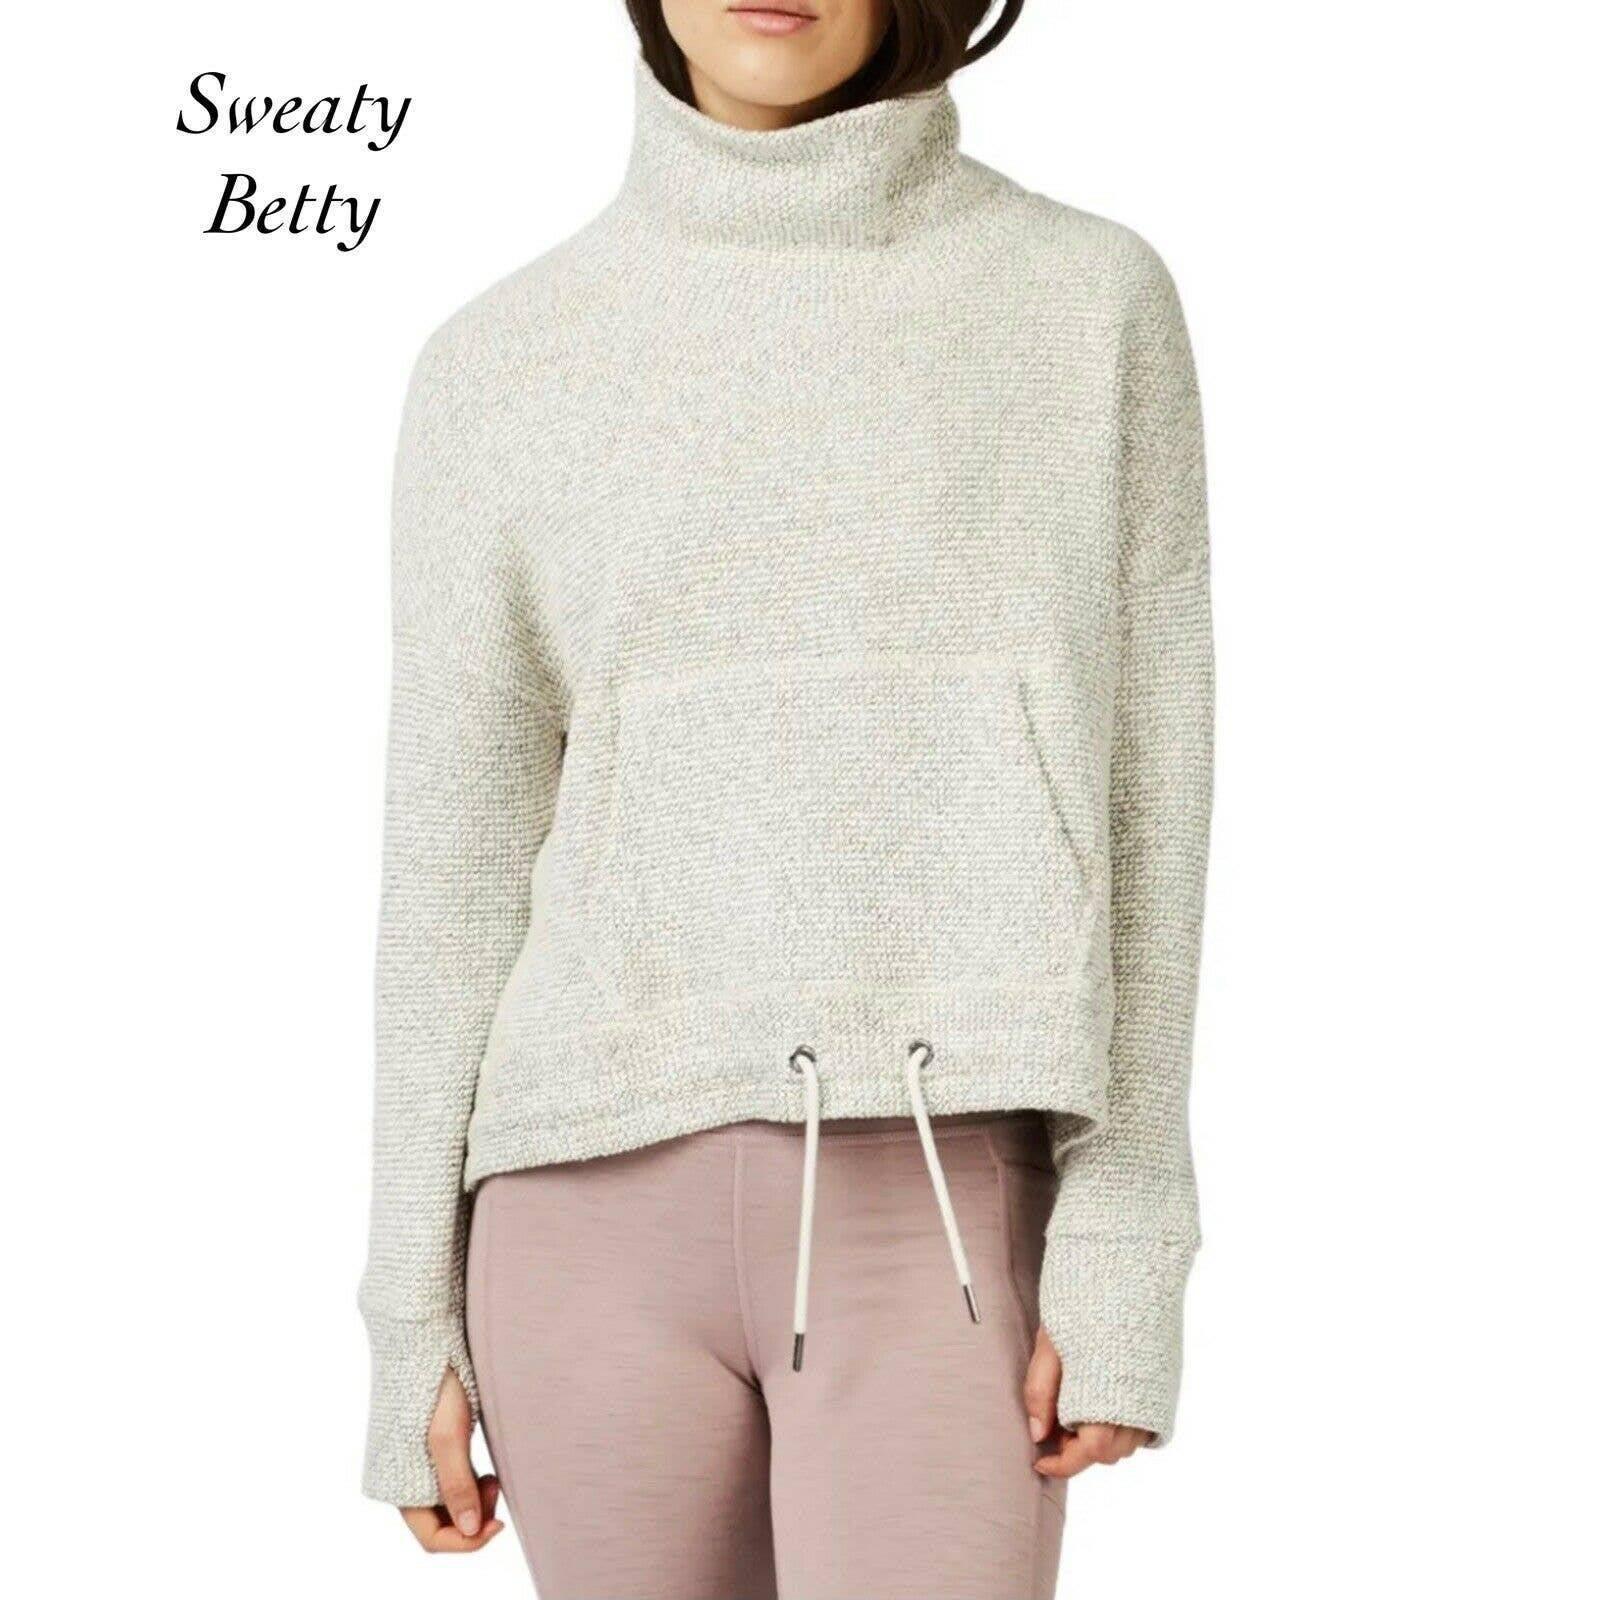 Sweaty Betty Restful Boucle Sweatshirt S